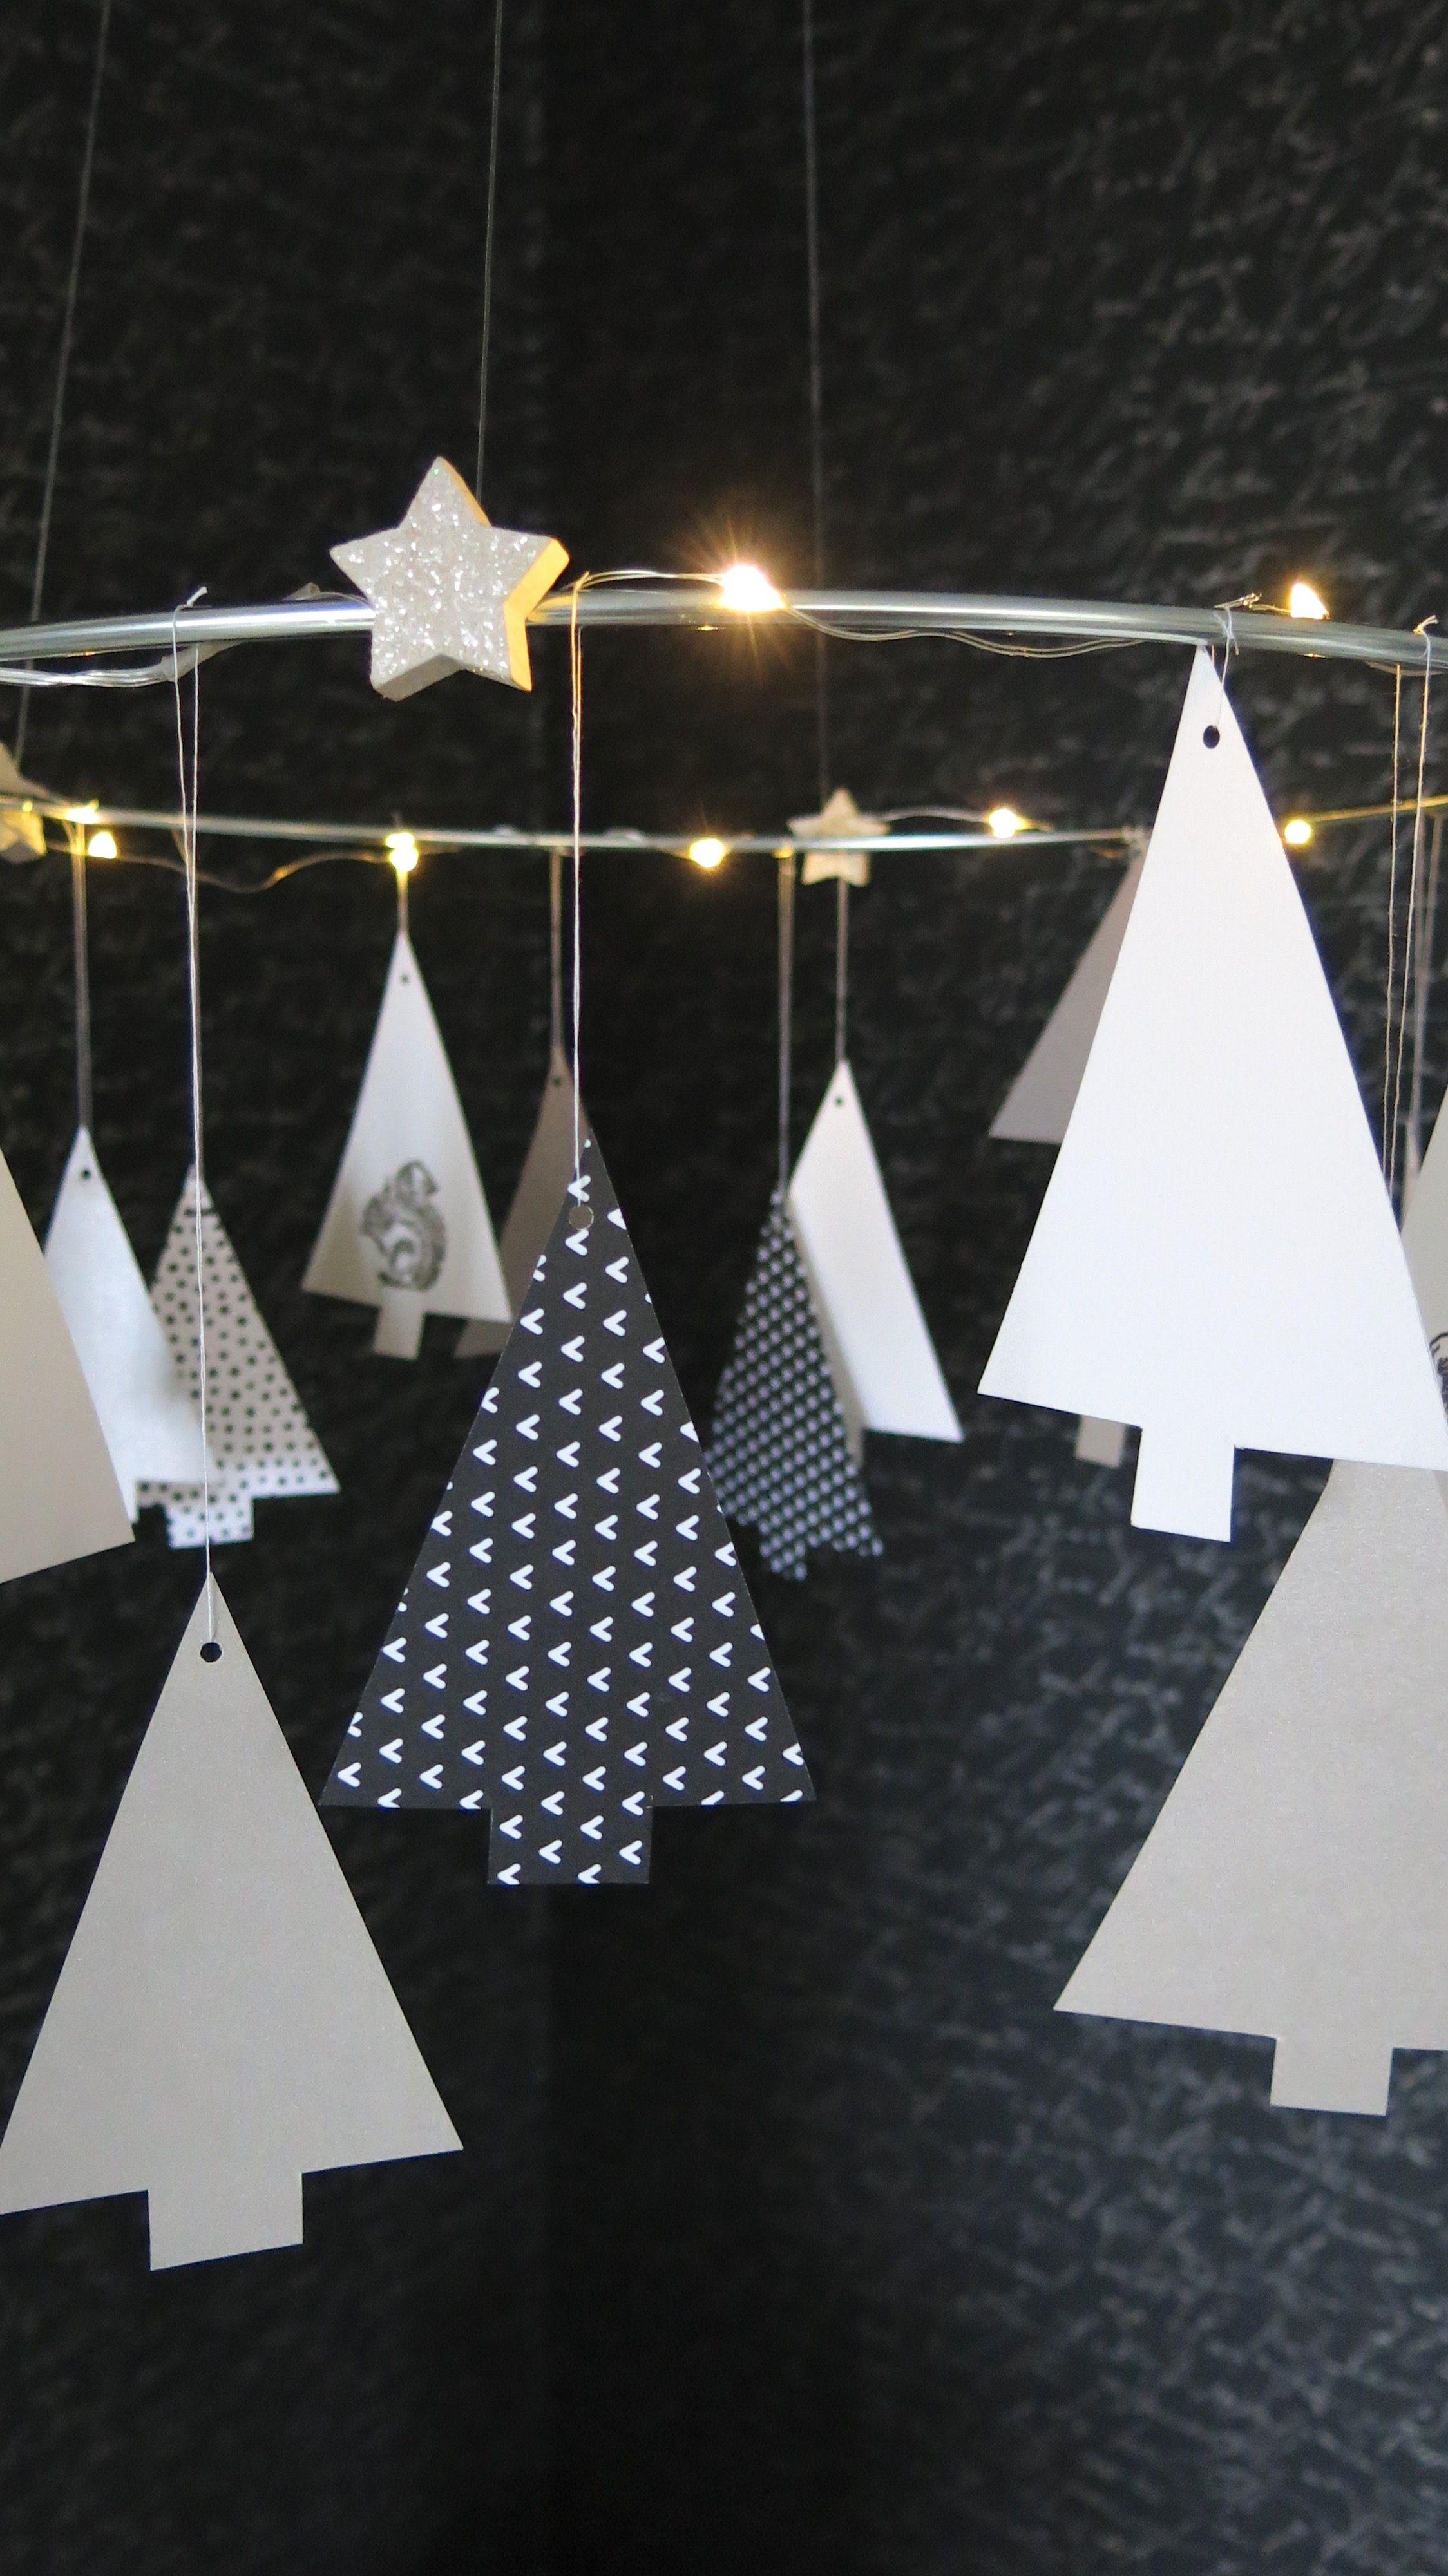 tannenkranz mit beleuchtung schwarz auf wei 107qm weihnachten pinterest. Black Bedroom Furniture Sets. Home Design Ideas